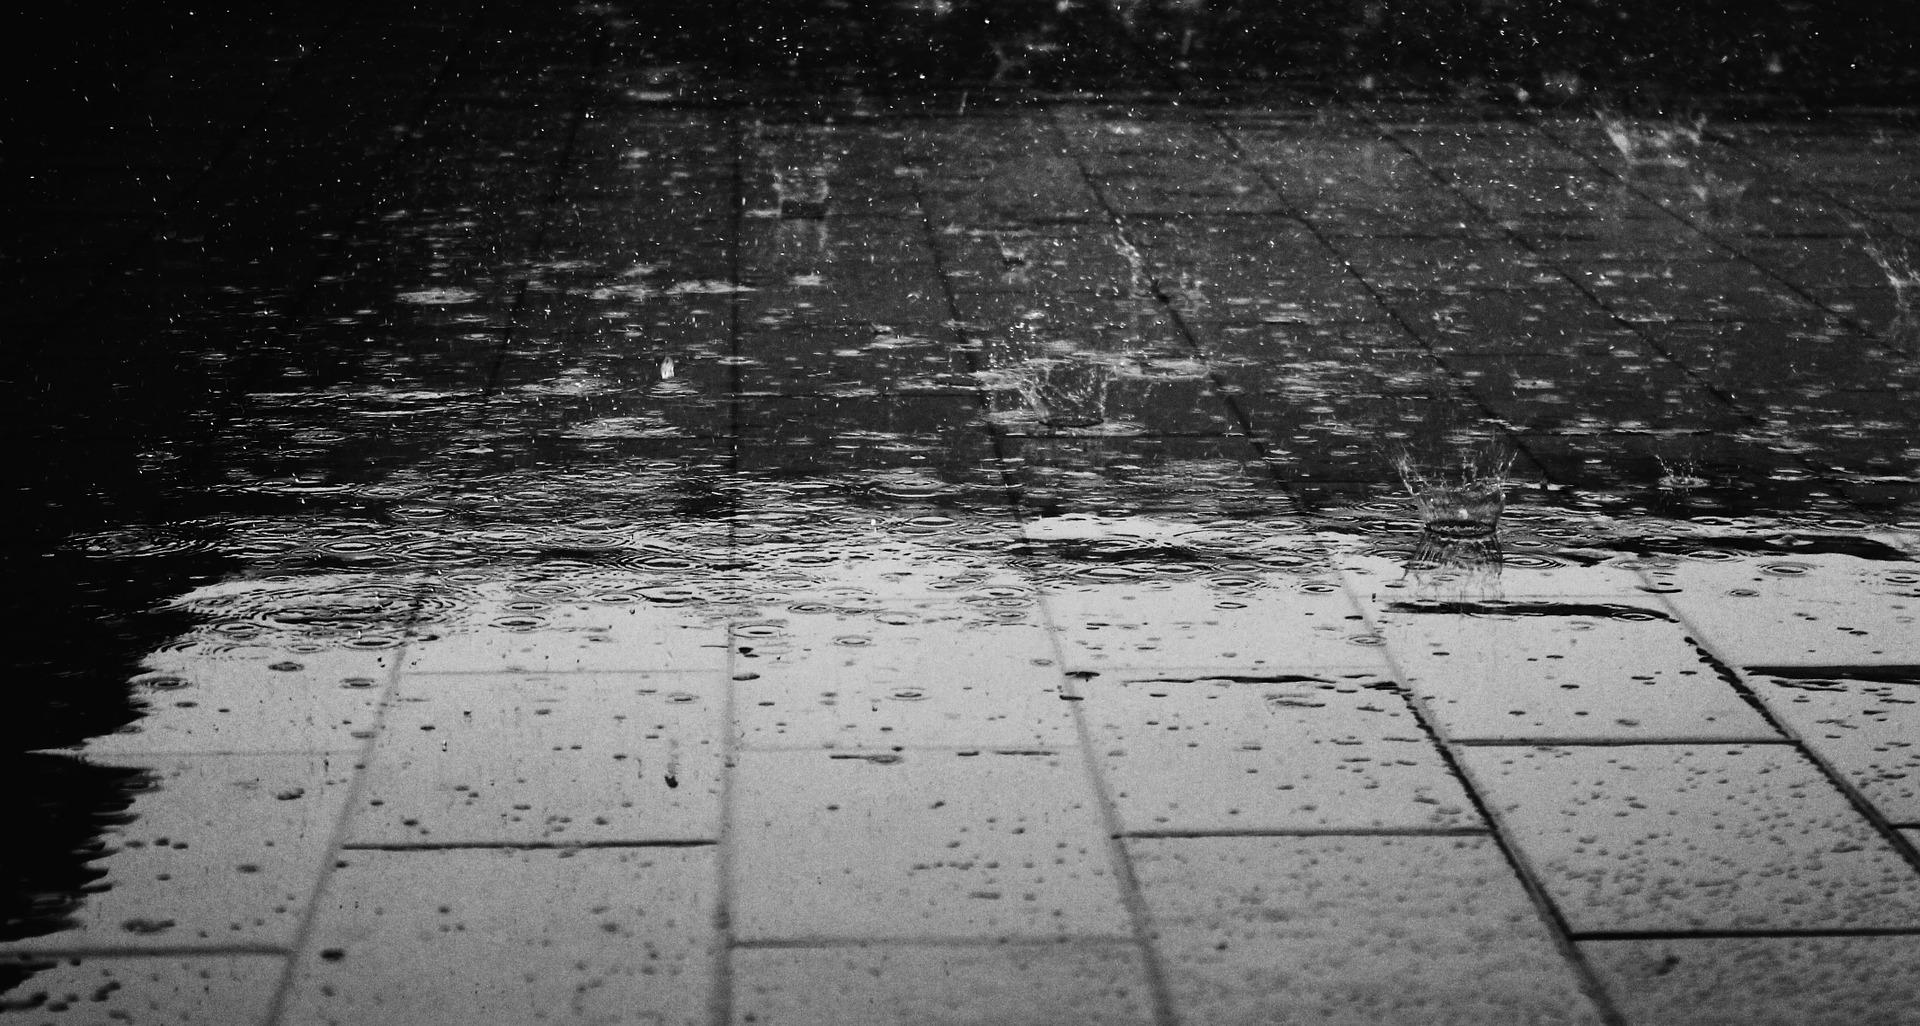 6.也不妨低下頭 看看這個世界的變化 最直接的反映出雨天的街道 卻常被大家忽略的景色